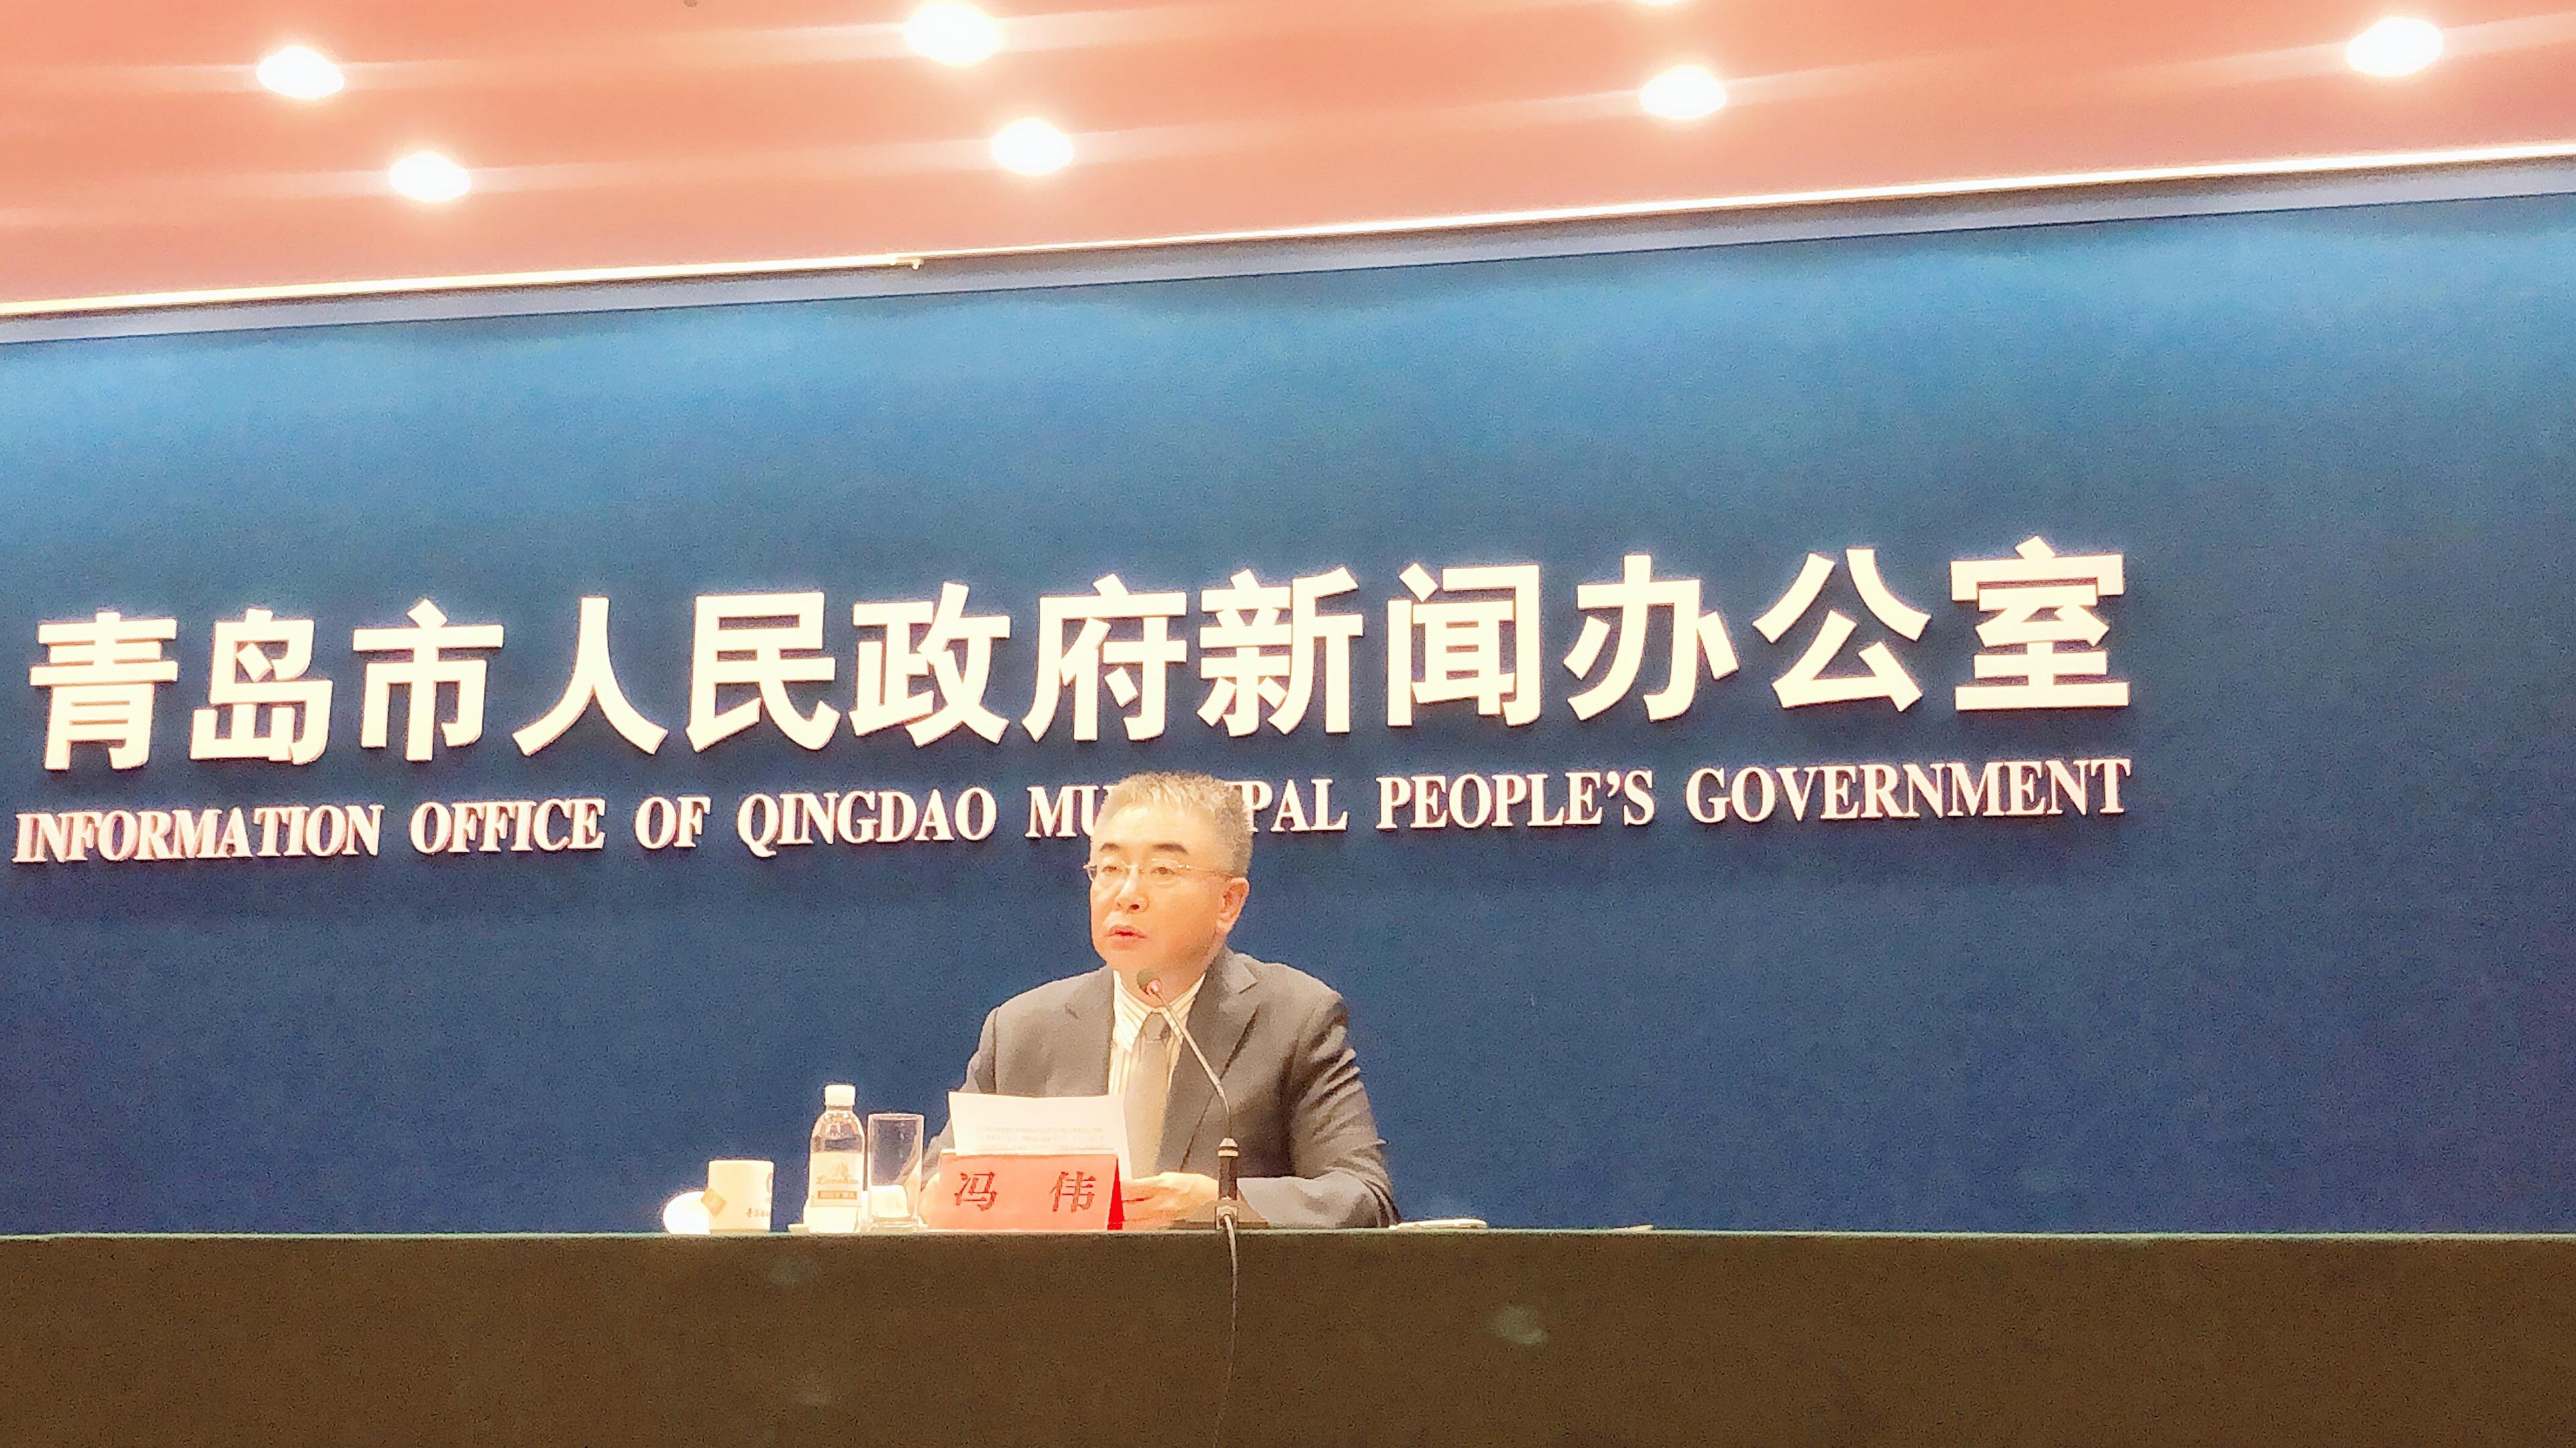 青岛市工业和信息化局副局级领导干部冯伟